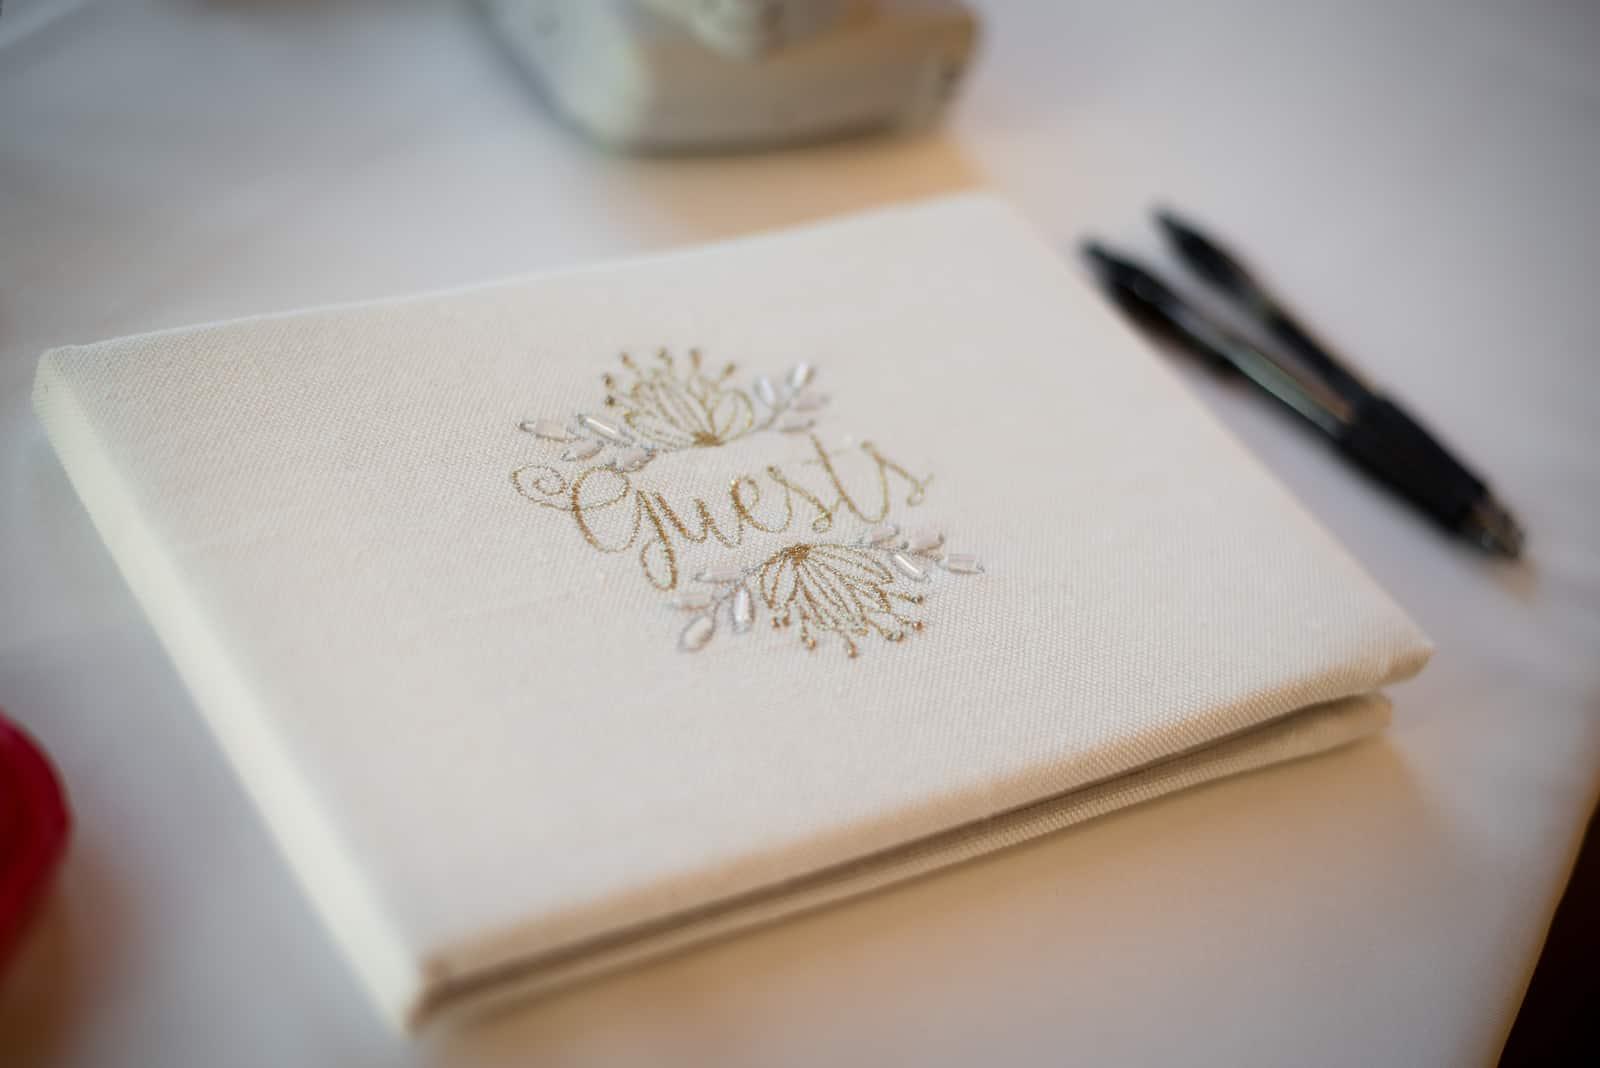 Gästebuch für den Hochzeitstag, damit die Gäste den Hochzeitstag des Paares unterschreiben können